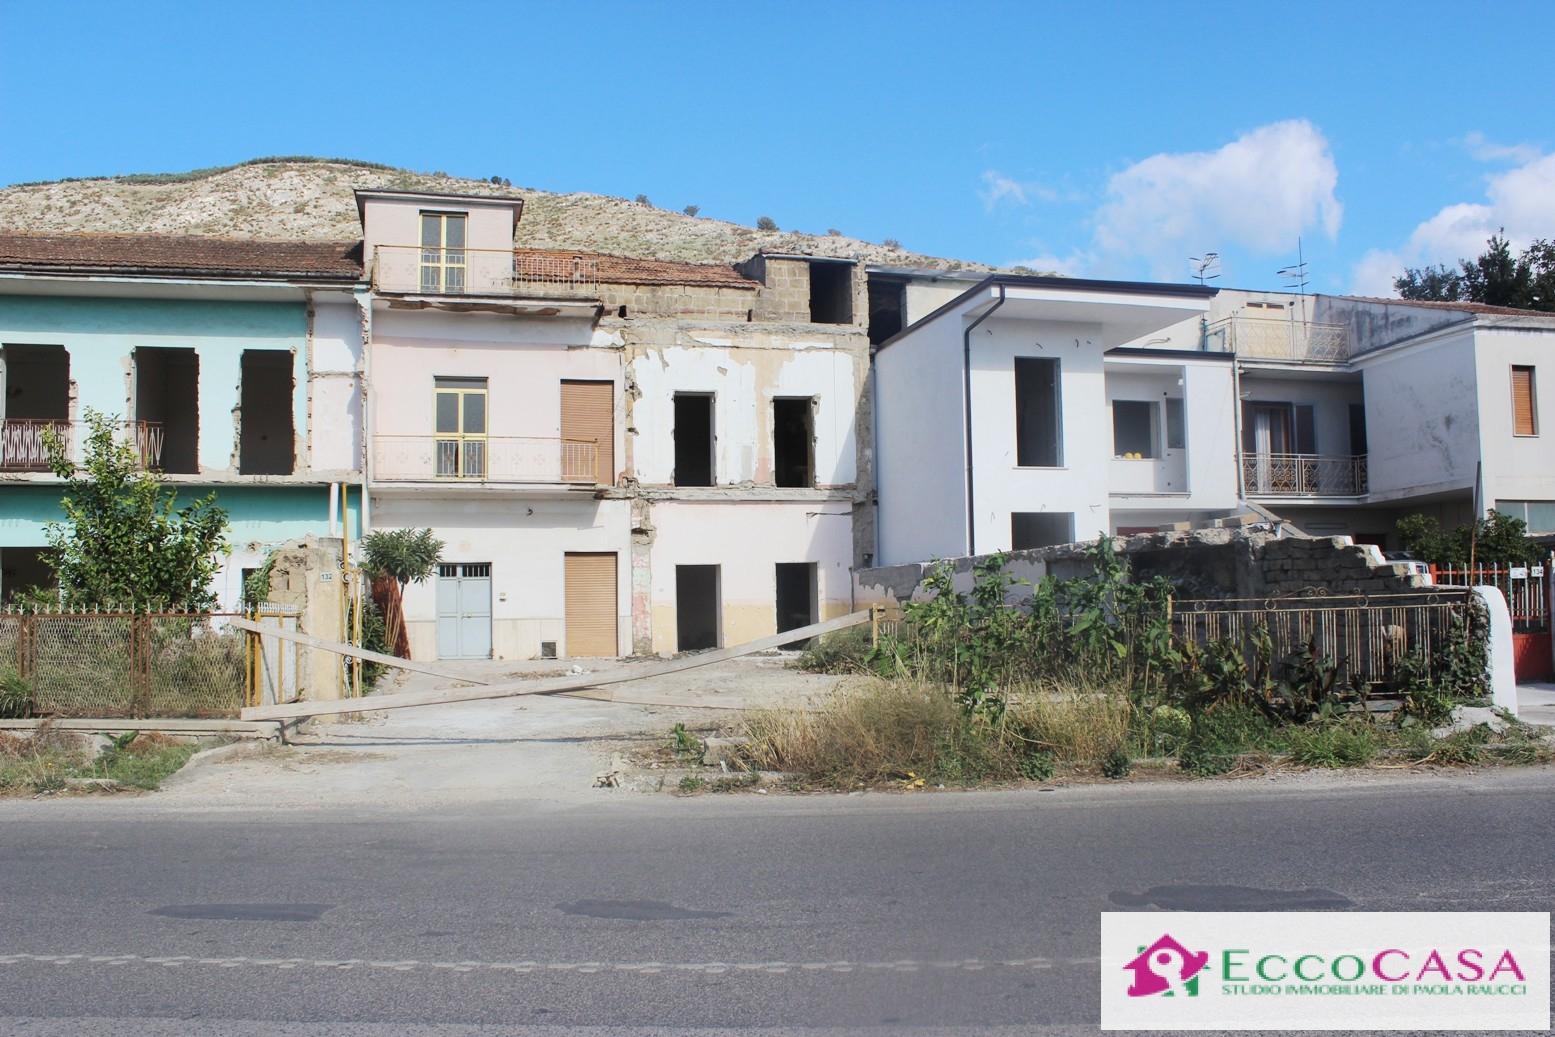 Soluzione Indipendente in vendita a Maddaloni, 1 locali, prezzo € 90.000 | CambioCasa.it